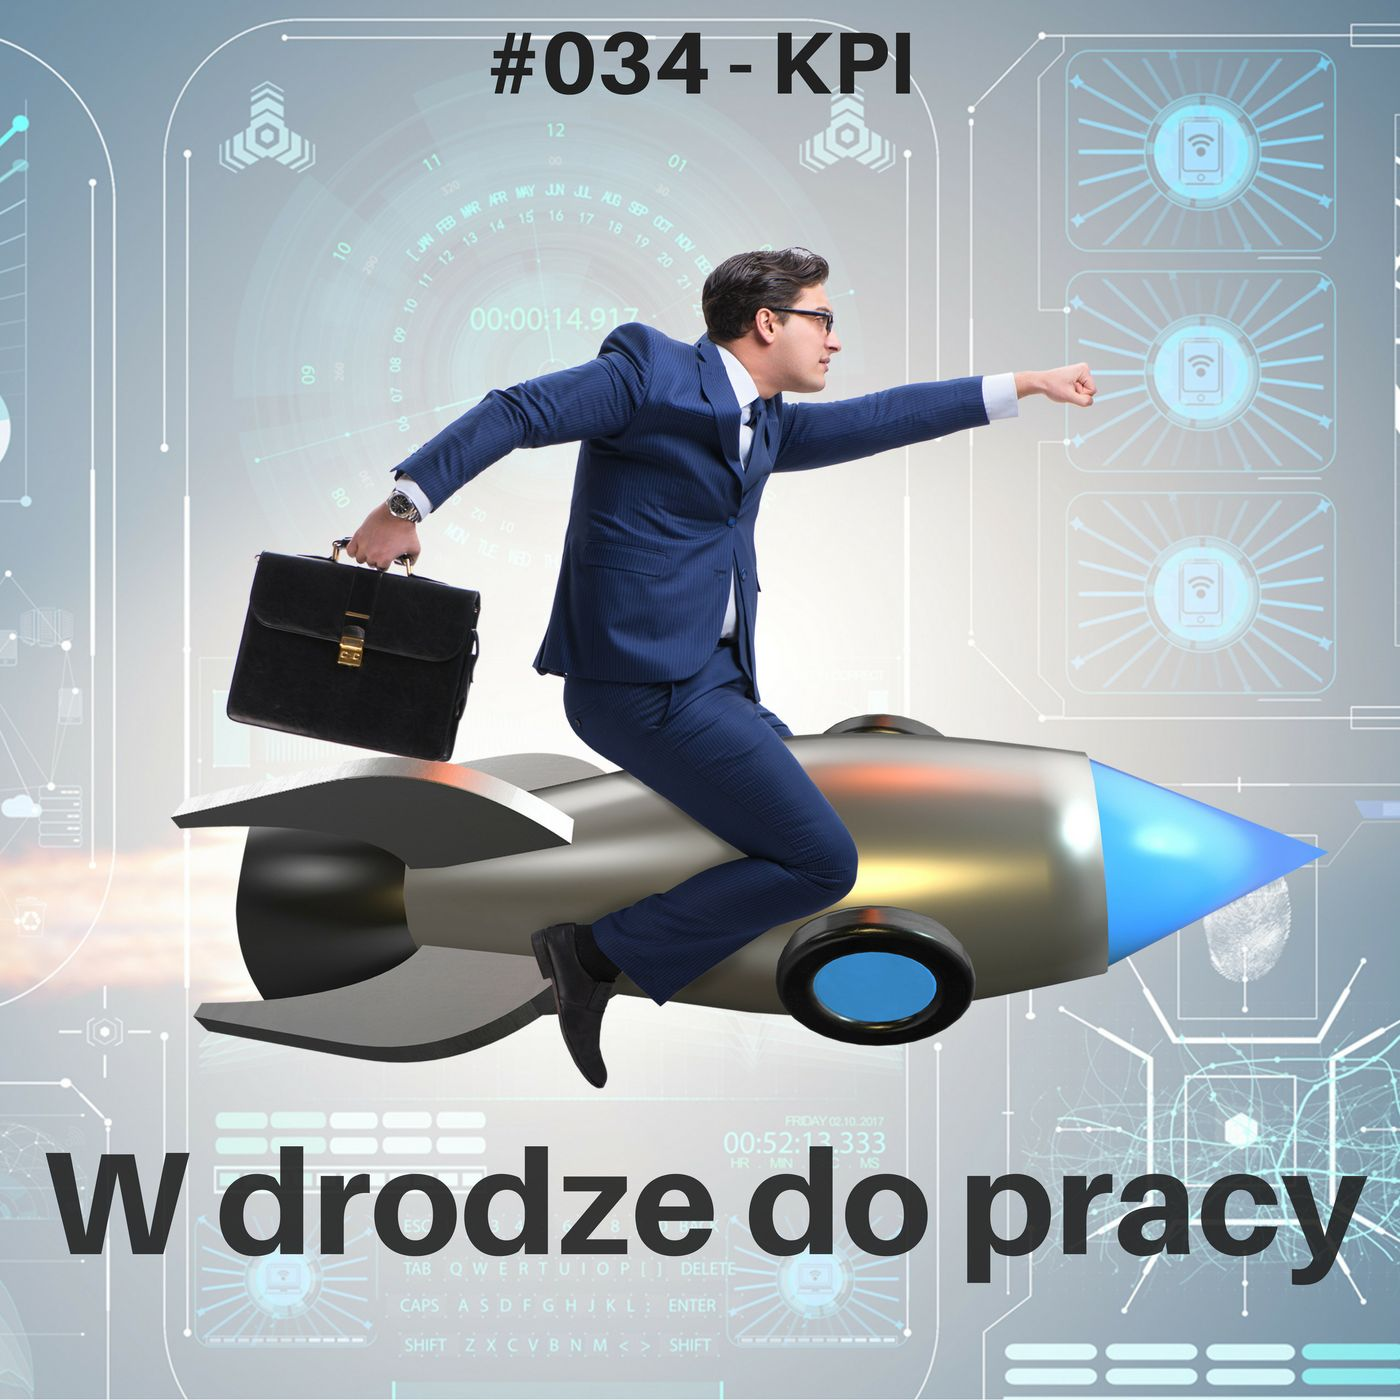 #034 - Jakie KPI ma Robert Lewandowski, czyli rzecz o wskaźnikach